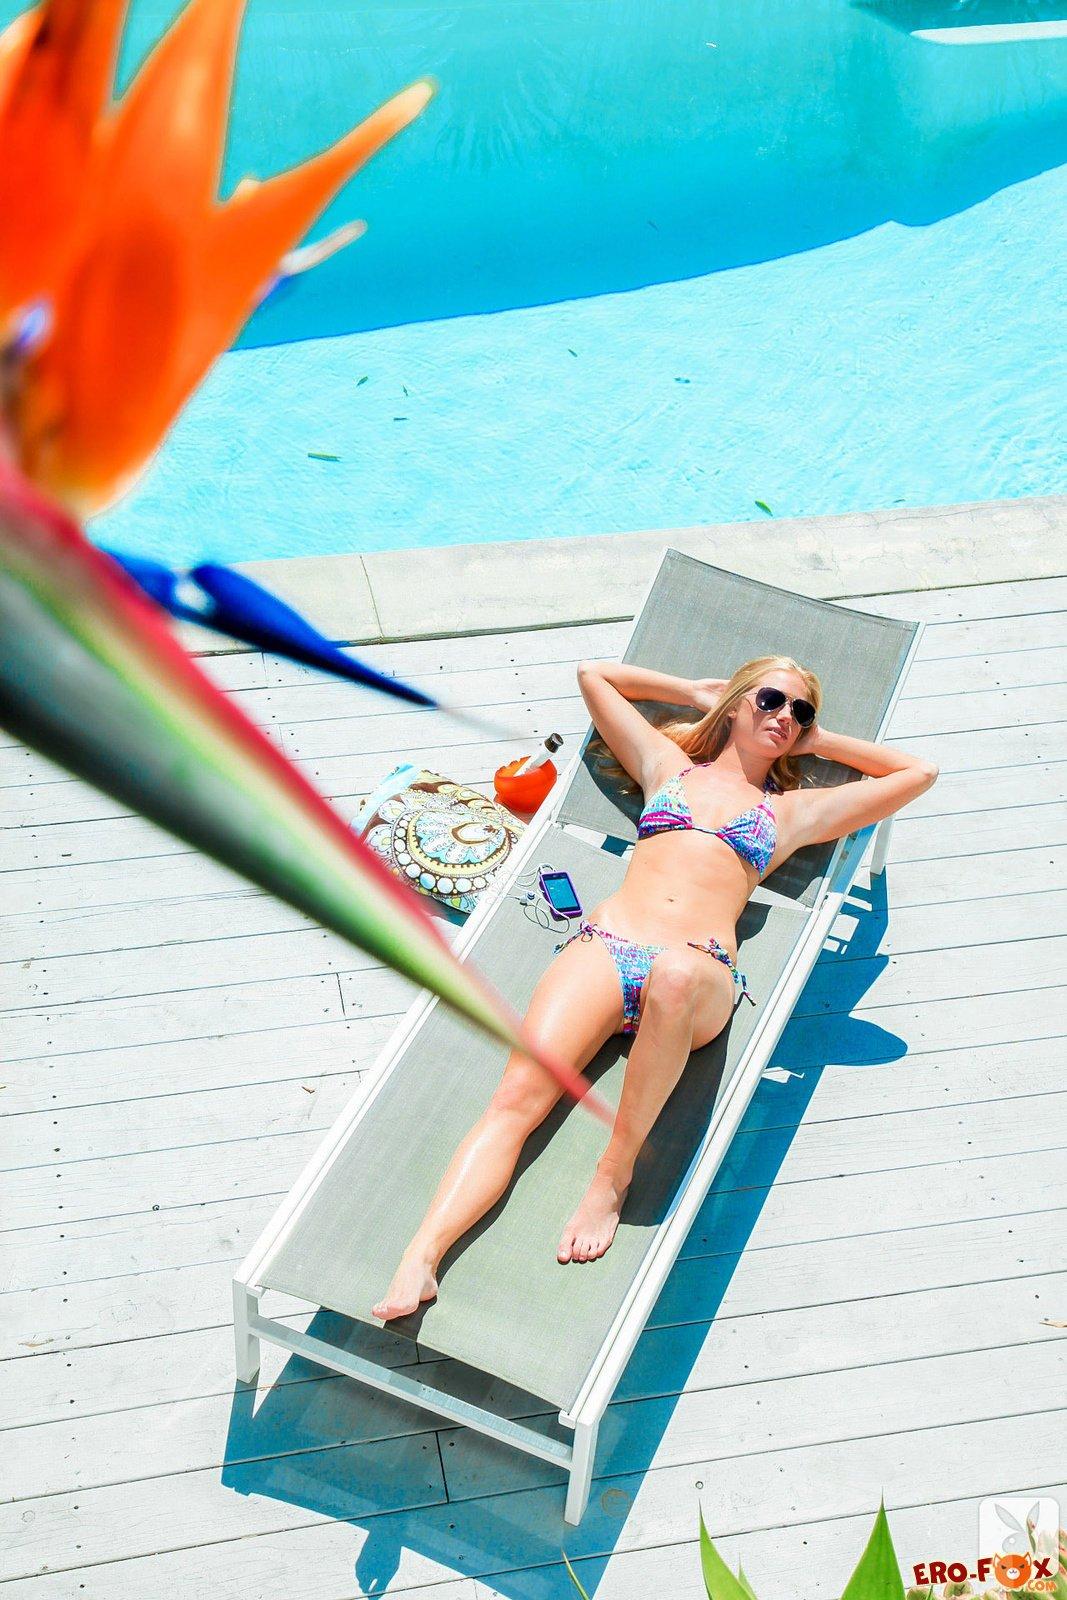 Сексуальная блондинка в купальнике топлес - фото эротика.